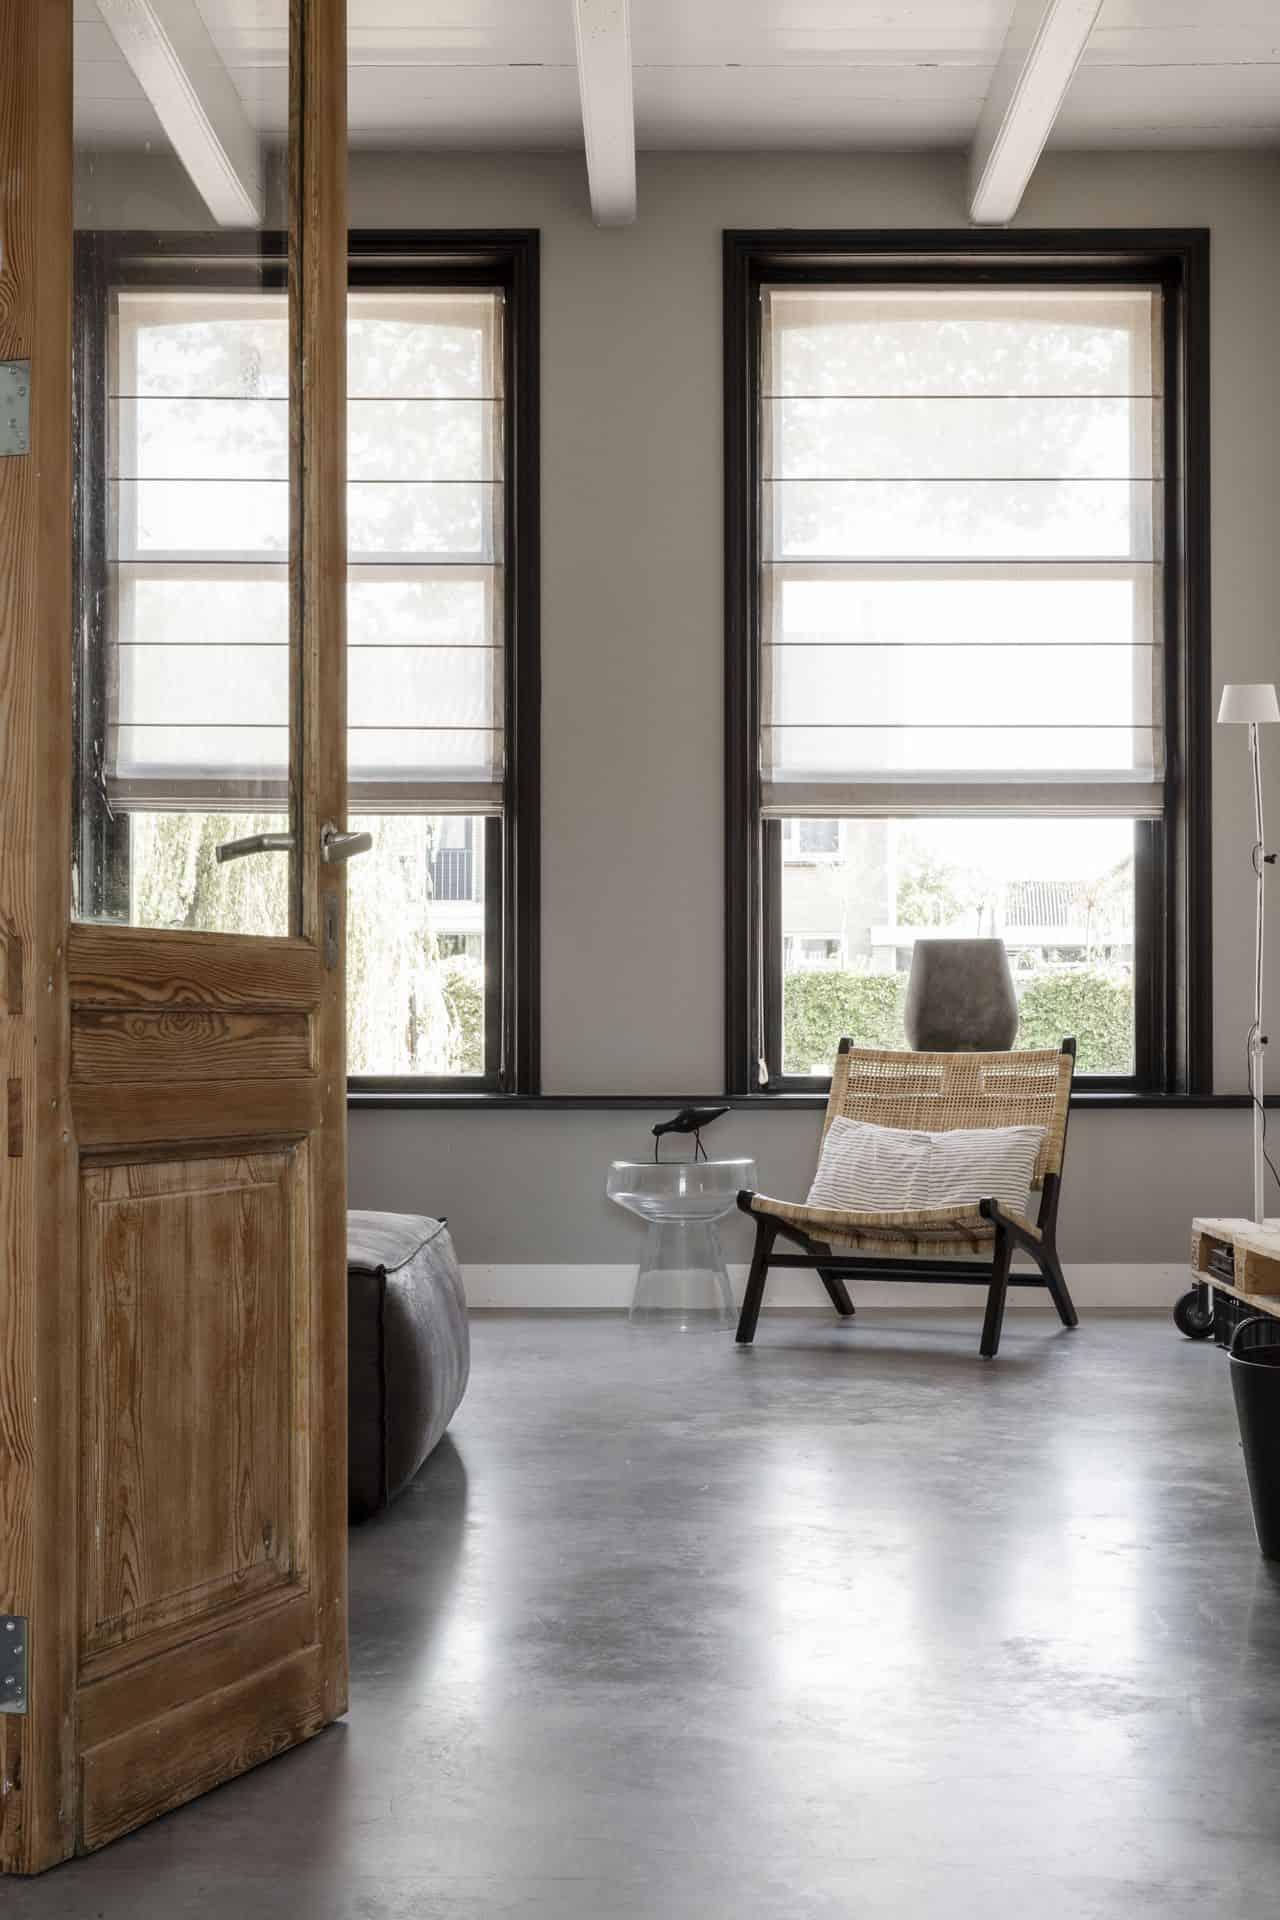 gevlinderde woonbeton vloer woonkamer, woonkamer betonvloer